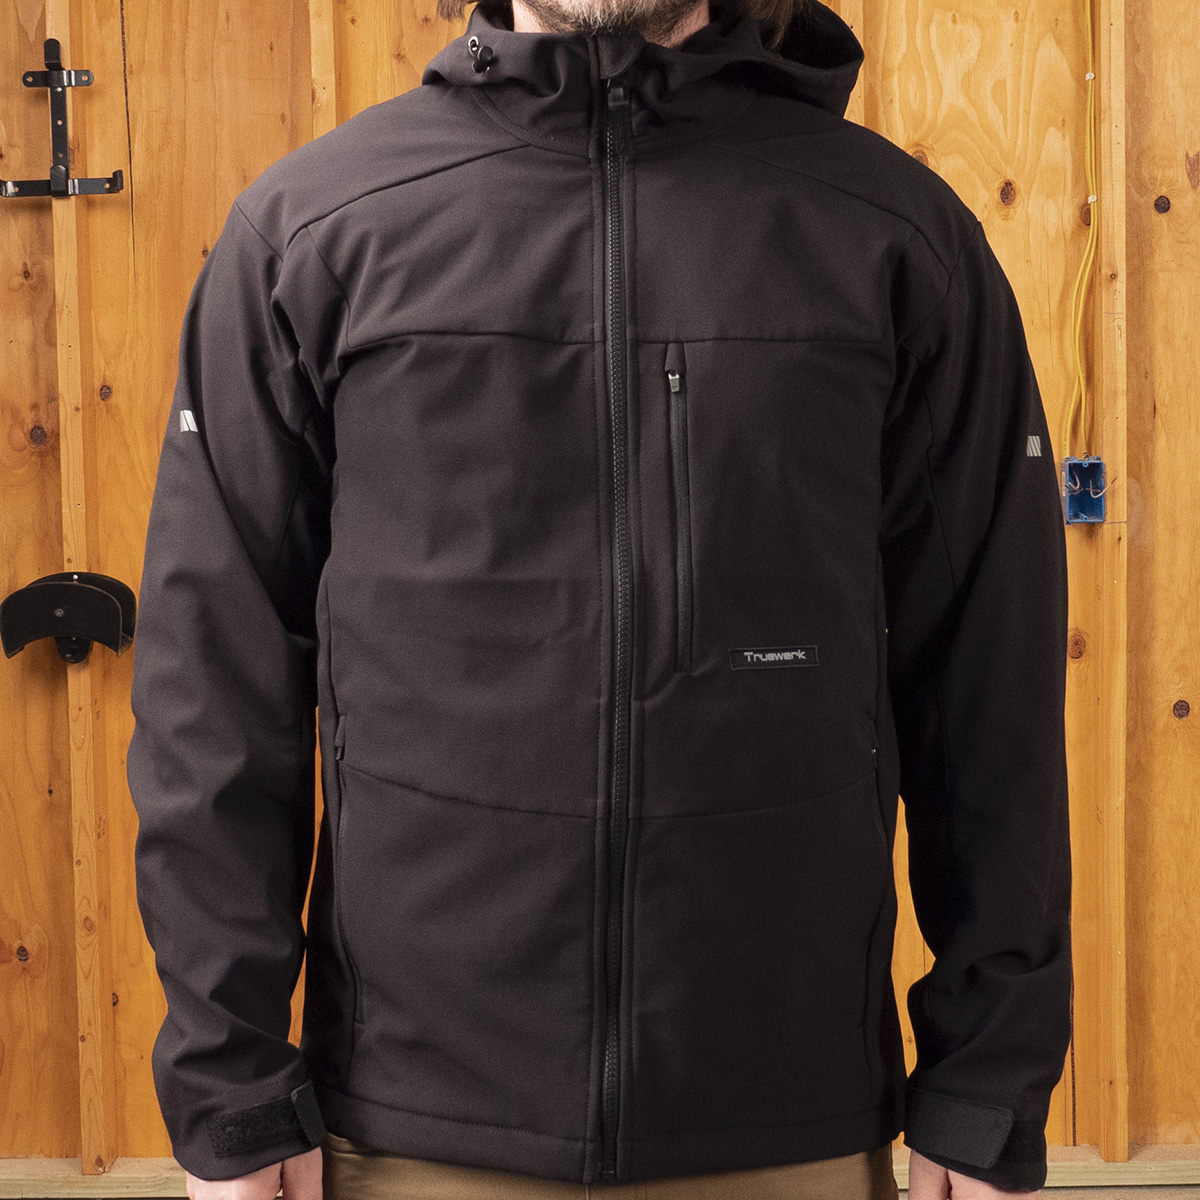 Truewerk-Jacket